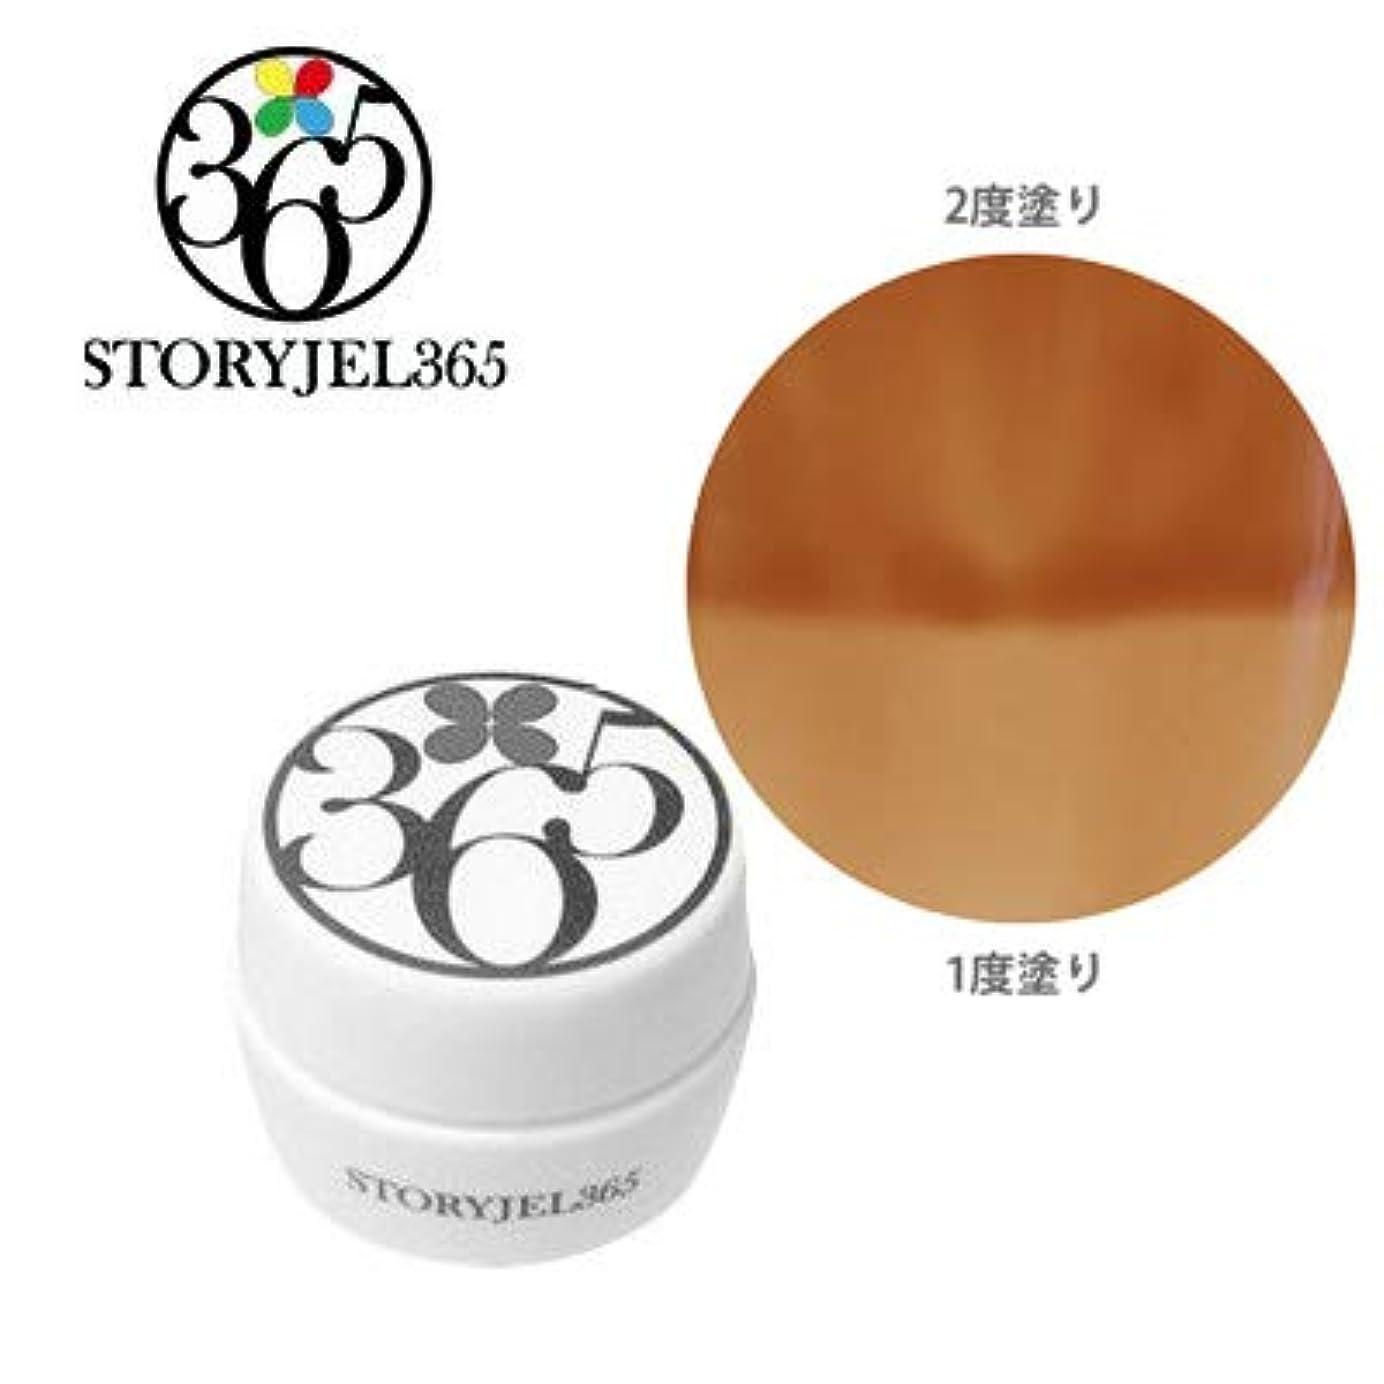 スラッシュ許可待つSTORY JEL365 カラージェル SJS-170S ブラックコーヒー